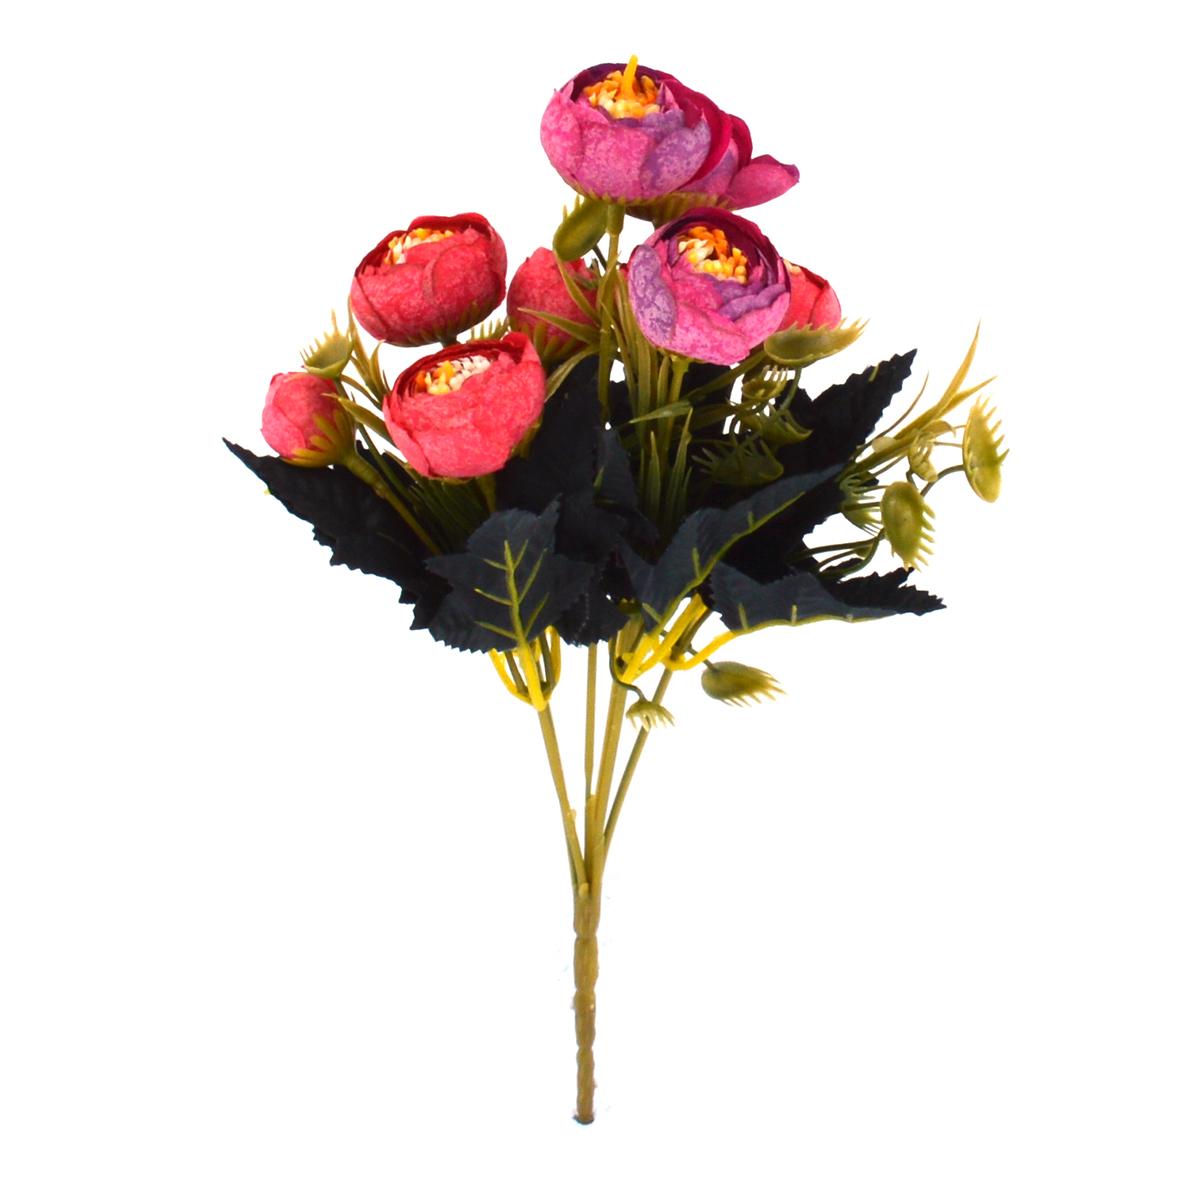 Ambalaje Flori ONLINE vinde Mini Buchet Ranunculus Vintage Rosu cu Siclam la pretul de 7.9 lei